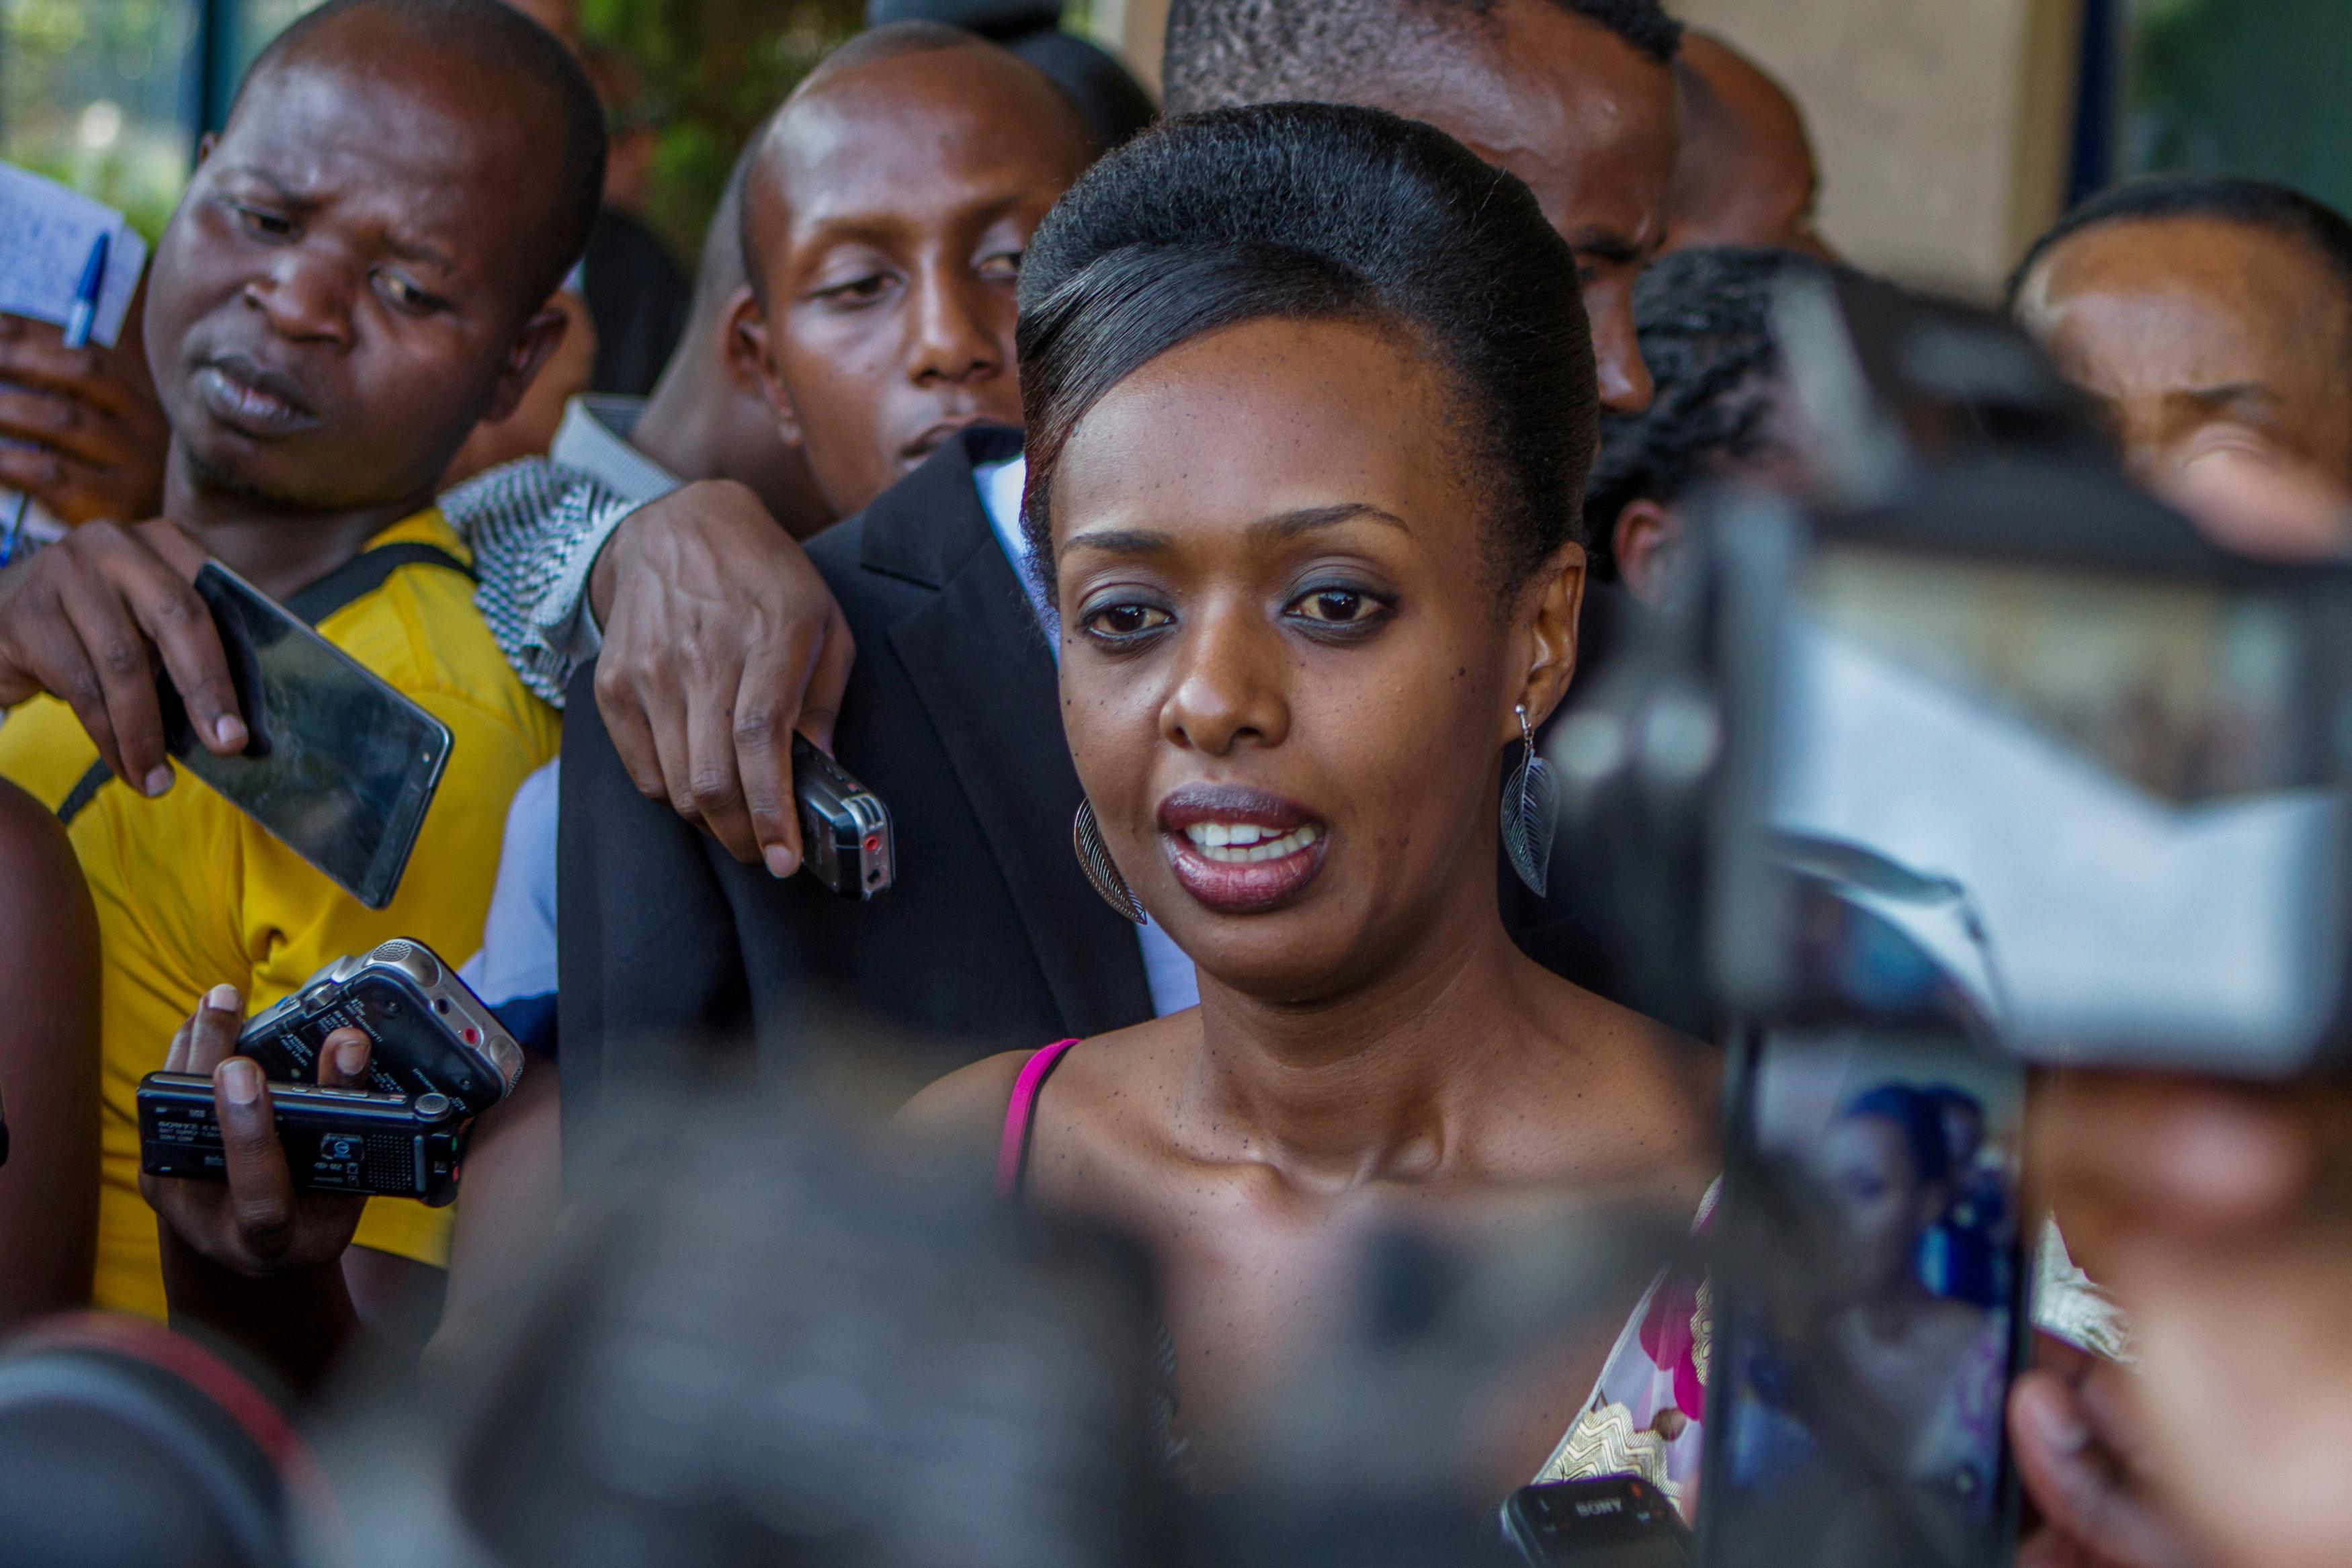 صورة رواندا تتهم معارضة للرئيس بالتحريض على التمرد